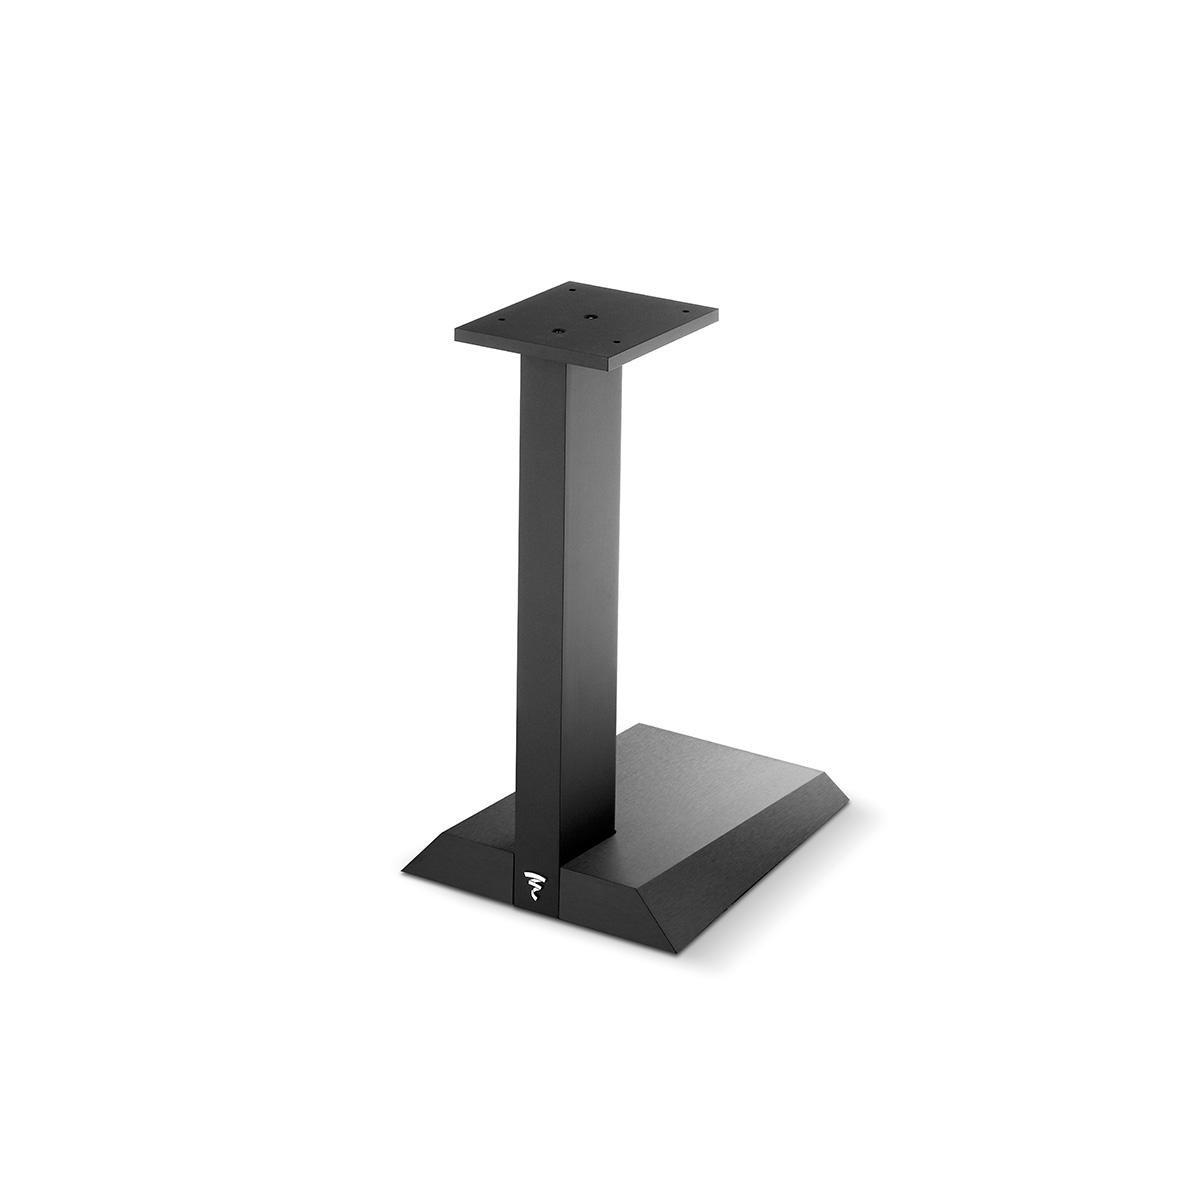 Lautsprecherständer CHORA 806 STAND (Paarpreis)